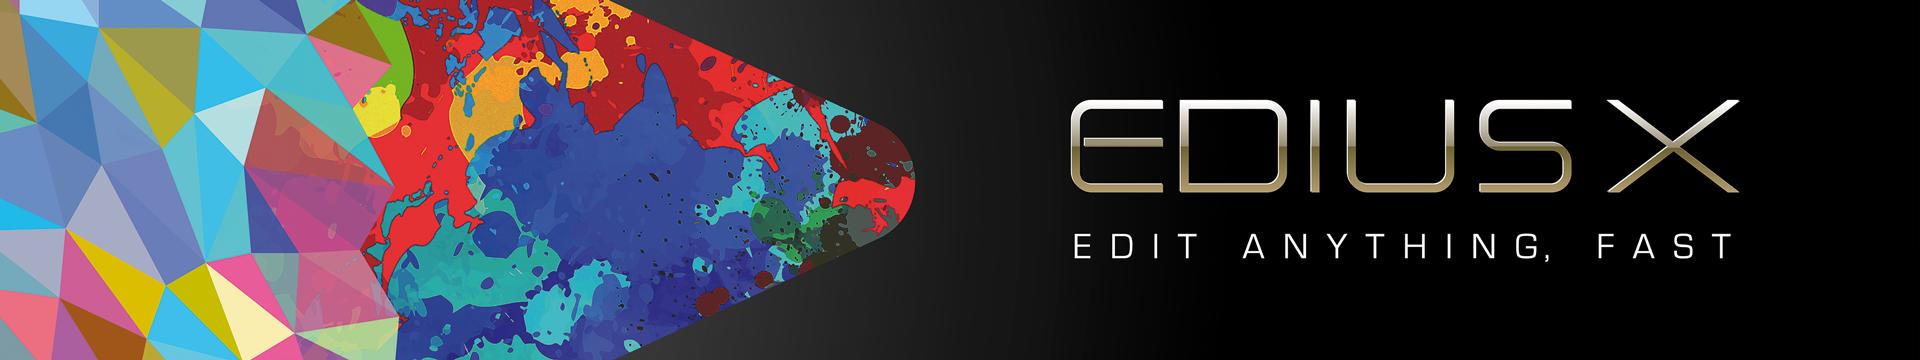 EDIUS X Pro, EDIUS 10, EDIUS Pro 9, EDIUS 9, EDIUS 8, Edius Pro 8, Satyam Film. EDIUS Project, Wedding Project Developer, Wedding Effects, EDIUS FX, Edius 3D Effects, Edius 8 crack, edius pro 8 crack, edius wedding projects, edius pro 8 price, edius pro 8 download,edius latest version, edius free download, edius pro 8 crack, edius software price, edius 7 projects free download, canopus edius 9 indian wedding projects, edius project 2016, edius project 2017, edius project 2021 edius indian wedding projects free download, edius project templates, edius 6 song projects, edius wedding project 2017, edius wedding project 2018, Edius 9, Wedding Song Project, Wedding Project Developers, video editing online, free video editing software for windows 7, video editing software free download, professional video editing software free download, video editing software free download full version, vsdc free video editor, best video editor, marriage video mixing software, audio video mixer free download, video mixing software pc, video editing mixing software, video mixing software free download video mixing online, video mixing software free download for windows 7 64 bit, EDIUS Dongle, EDIUS Mixing Dongle, , EDIUS, edius pro 8 price, edius latest version, edius pro 8 download, edius free download full version, edius download, edius pro 9, edius software price, edius pro 8 crack, Wedding Projects Developer, RED Max, Edius 9, Edius 9 crack, edius wedding project, edius free project, edius templates, edius effects, edius vfx, edius visual fx, edius 10 wedding project, edius x wedding project, edius x project, edius x cinematic, edius 10 wedding, EDIUS Pro 9, EDIUS 9, EDIUS 8, Edius Pro 8, Satyam Film. Kartmy, EDIUS Project, Wedding Project Developer, Anss Studio, Wedding Effects, EDIUS FX, Edius 3D Effects, Edius 8 crack, edius pro 8 crack, edius wedding projectsedius pro 8 price,edius pro 8 download,edius latest version,edius free download full version,edius download, edius pro 8 crac